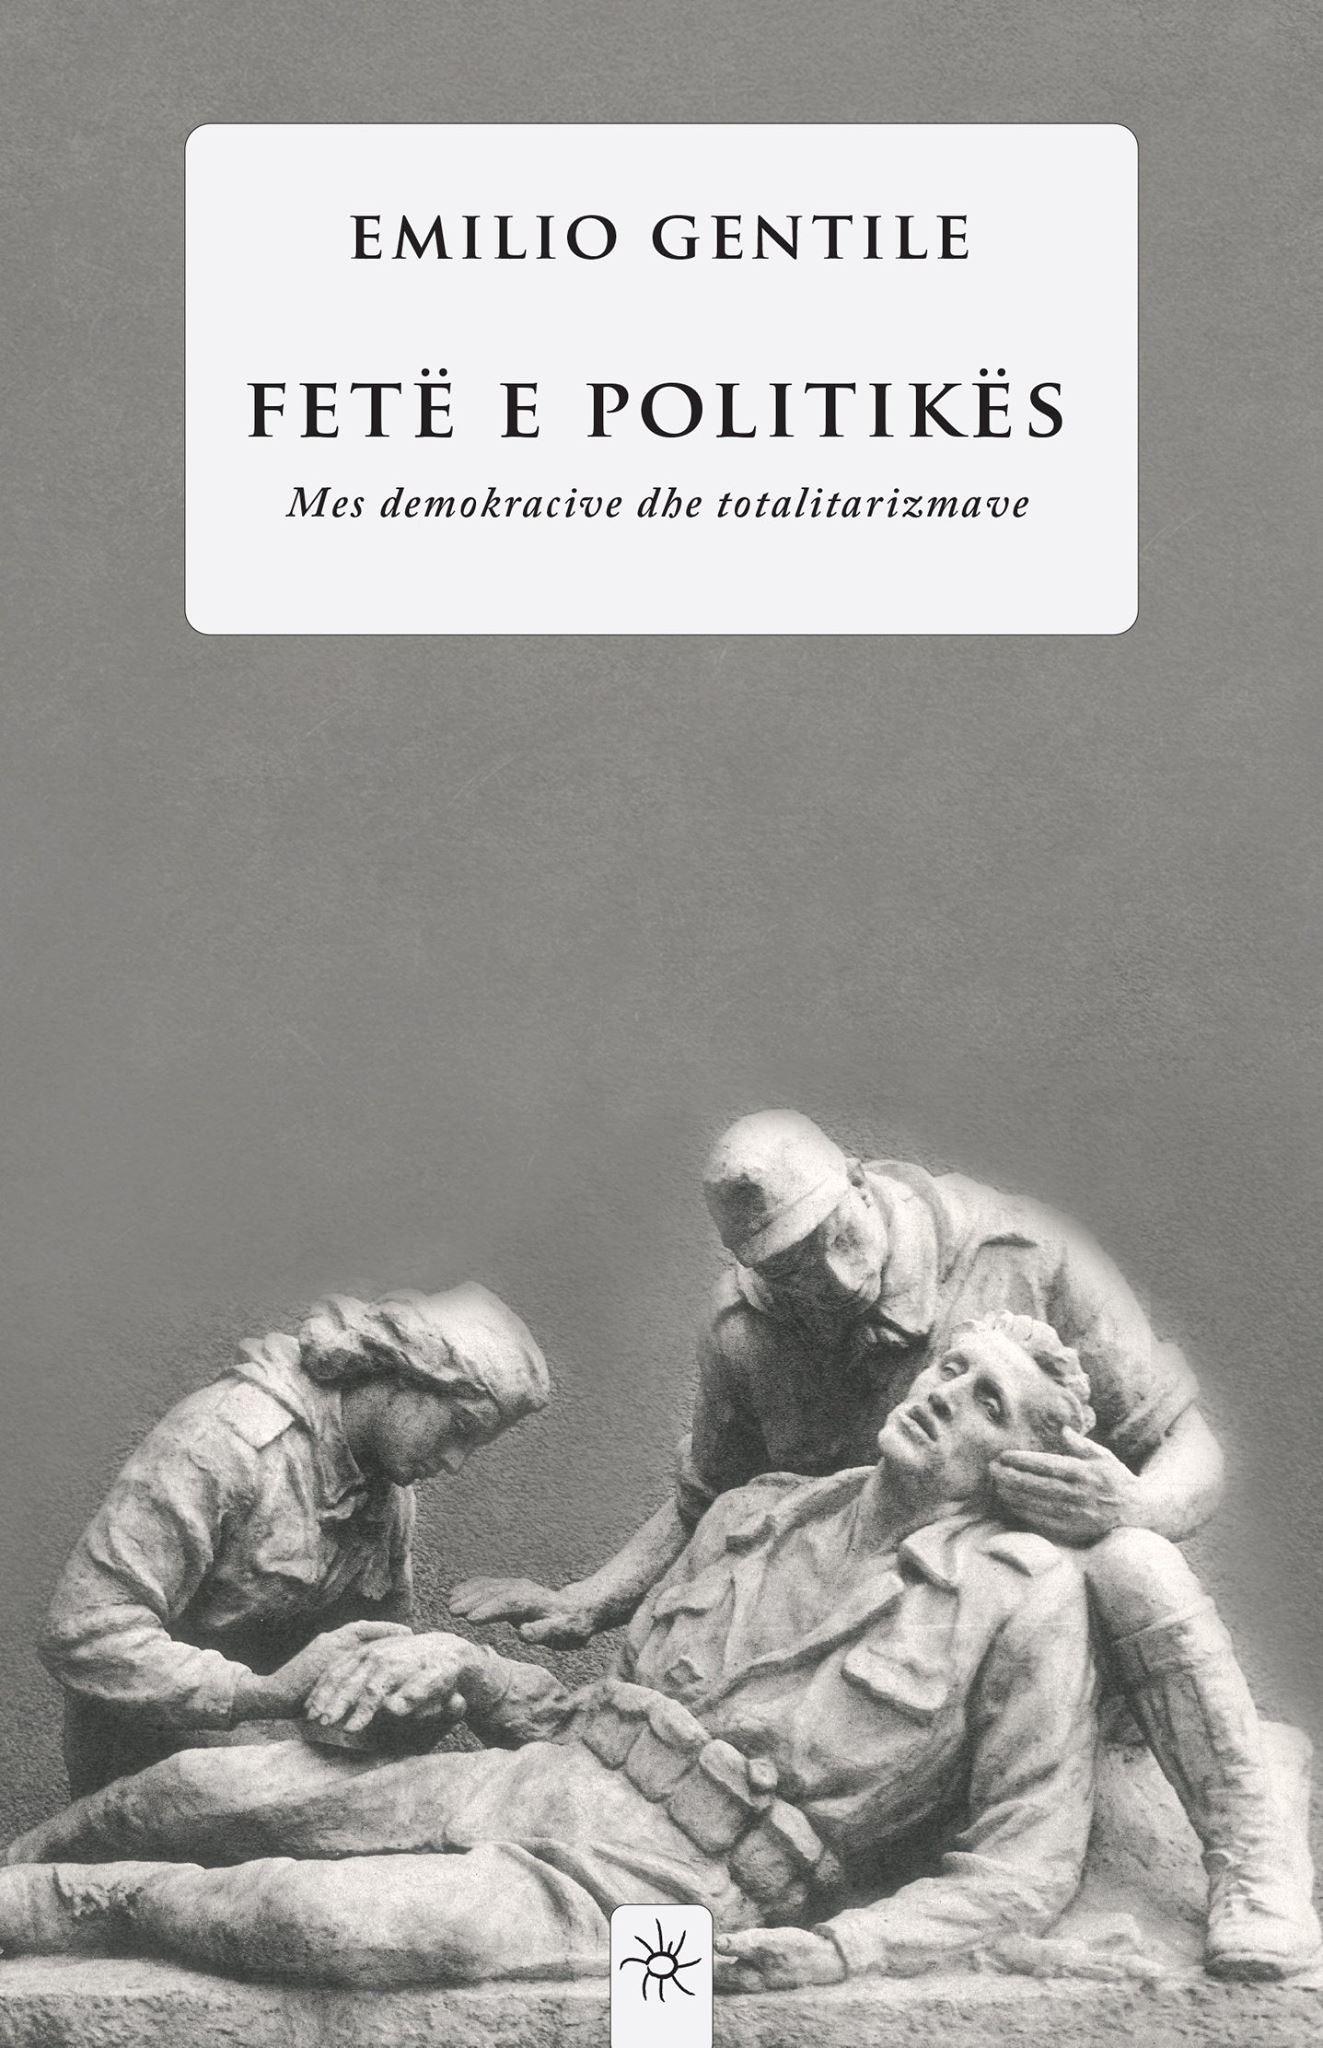 Fete e politikes: Mes demokracive dhe totalitarizmave